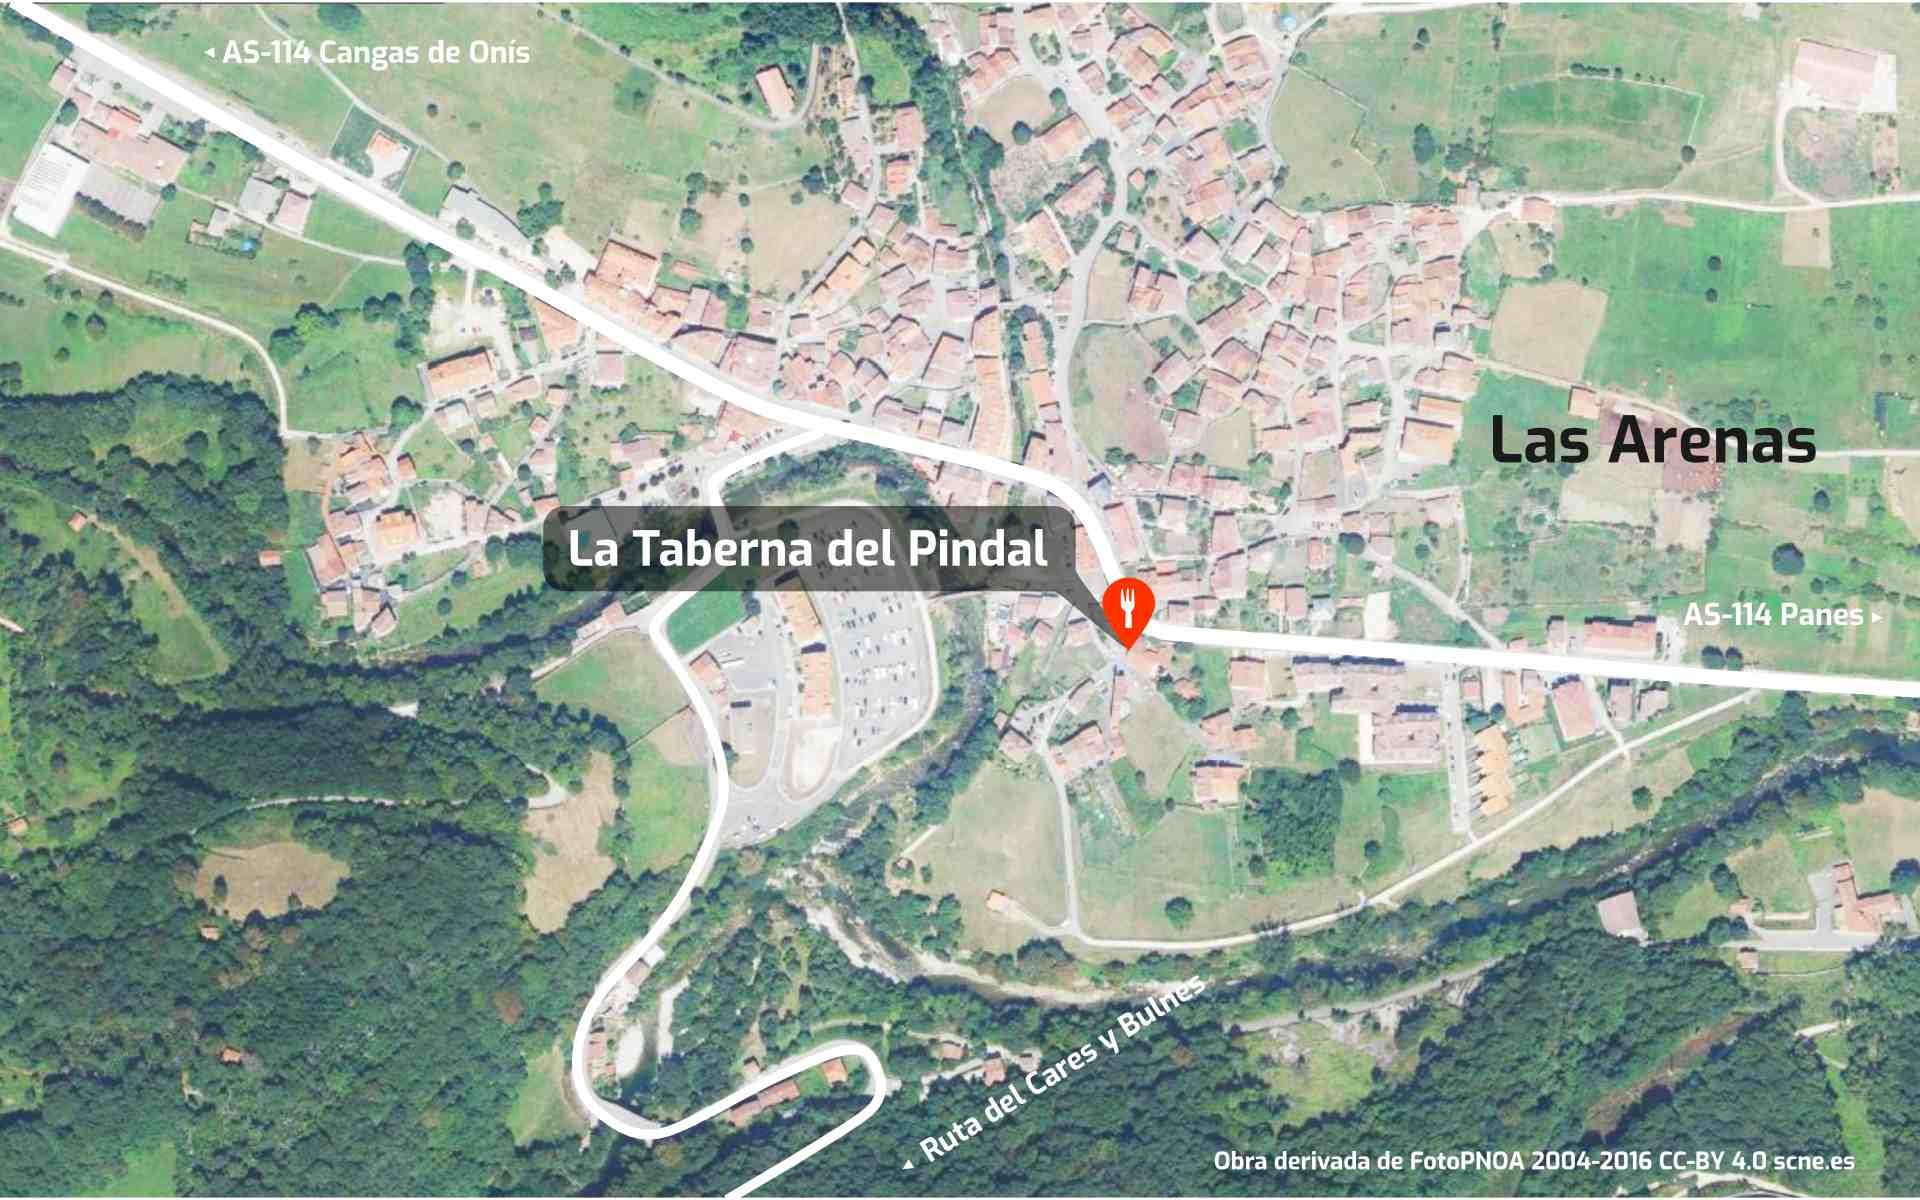 Mapa de cómo llegar al restaurante La Taberna del Pindal, en Las Arenas de Cabrales, Asturias